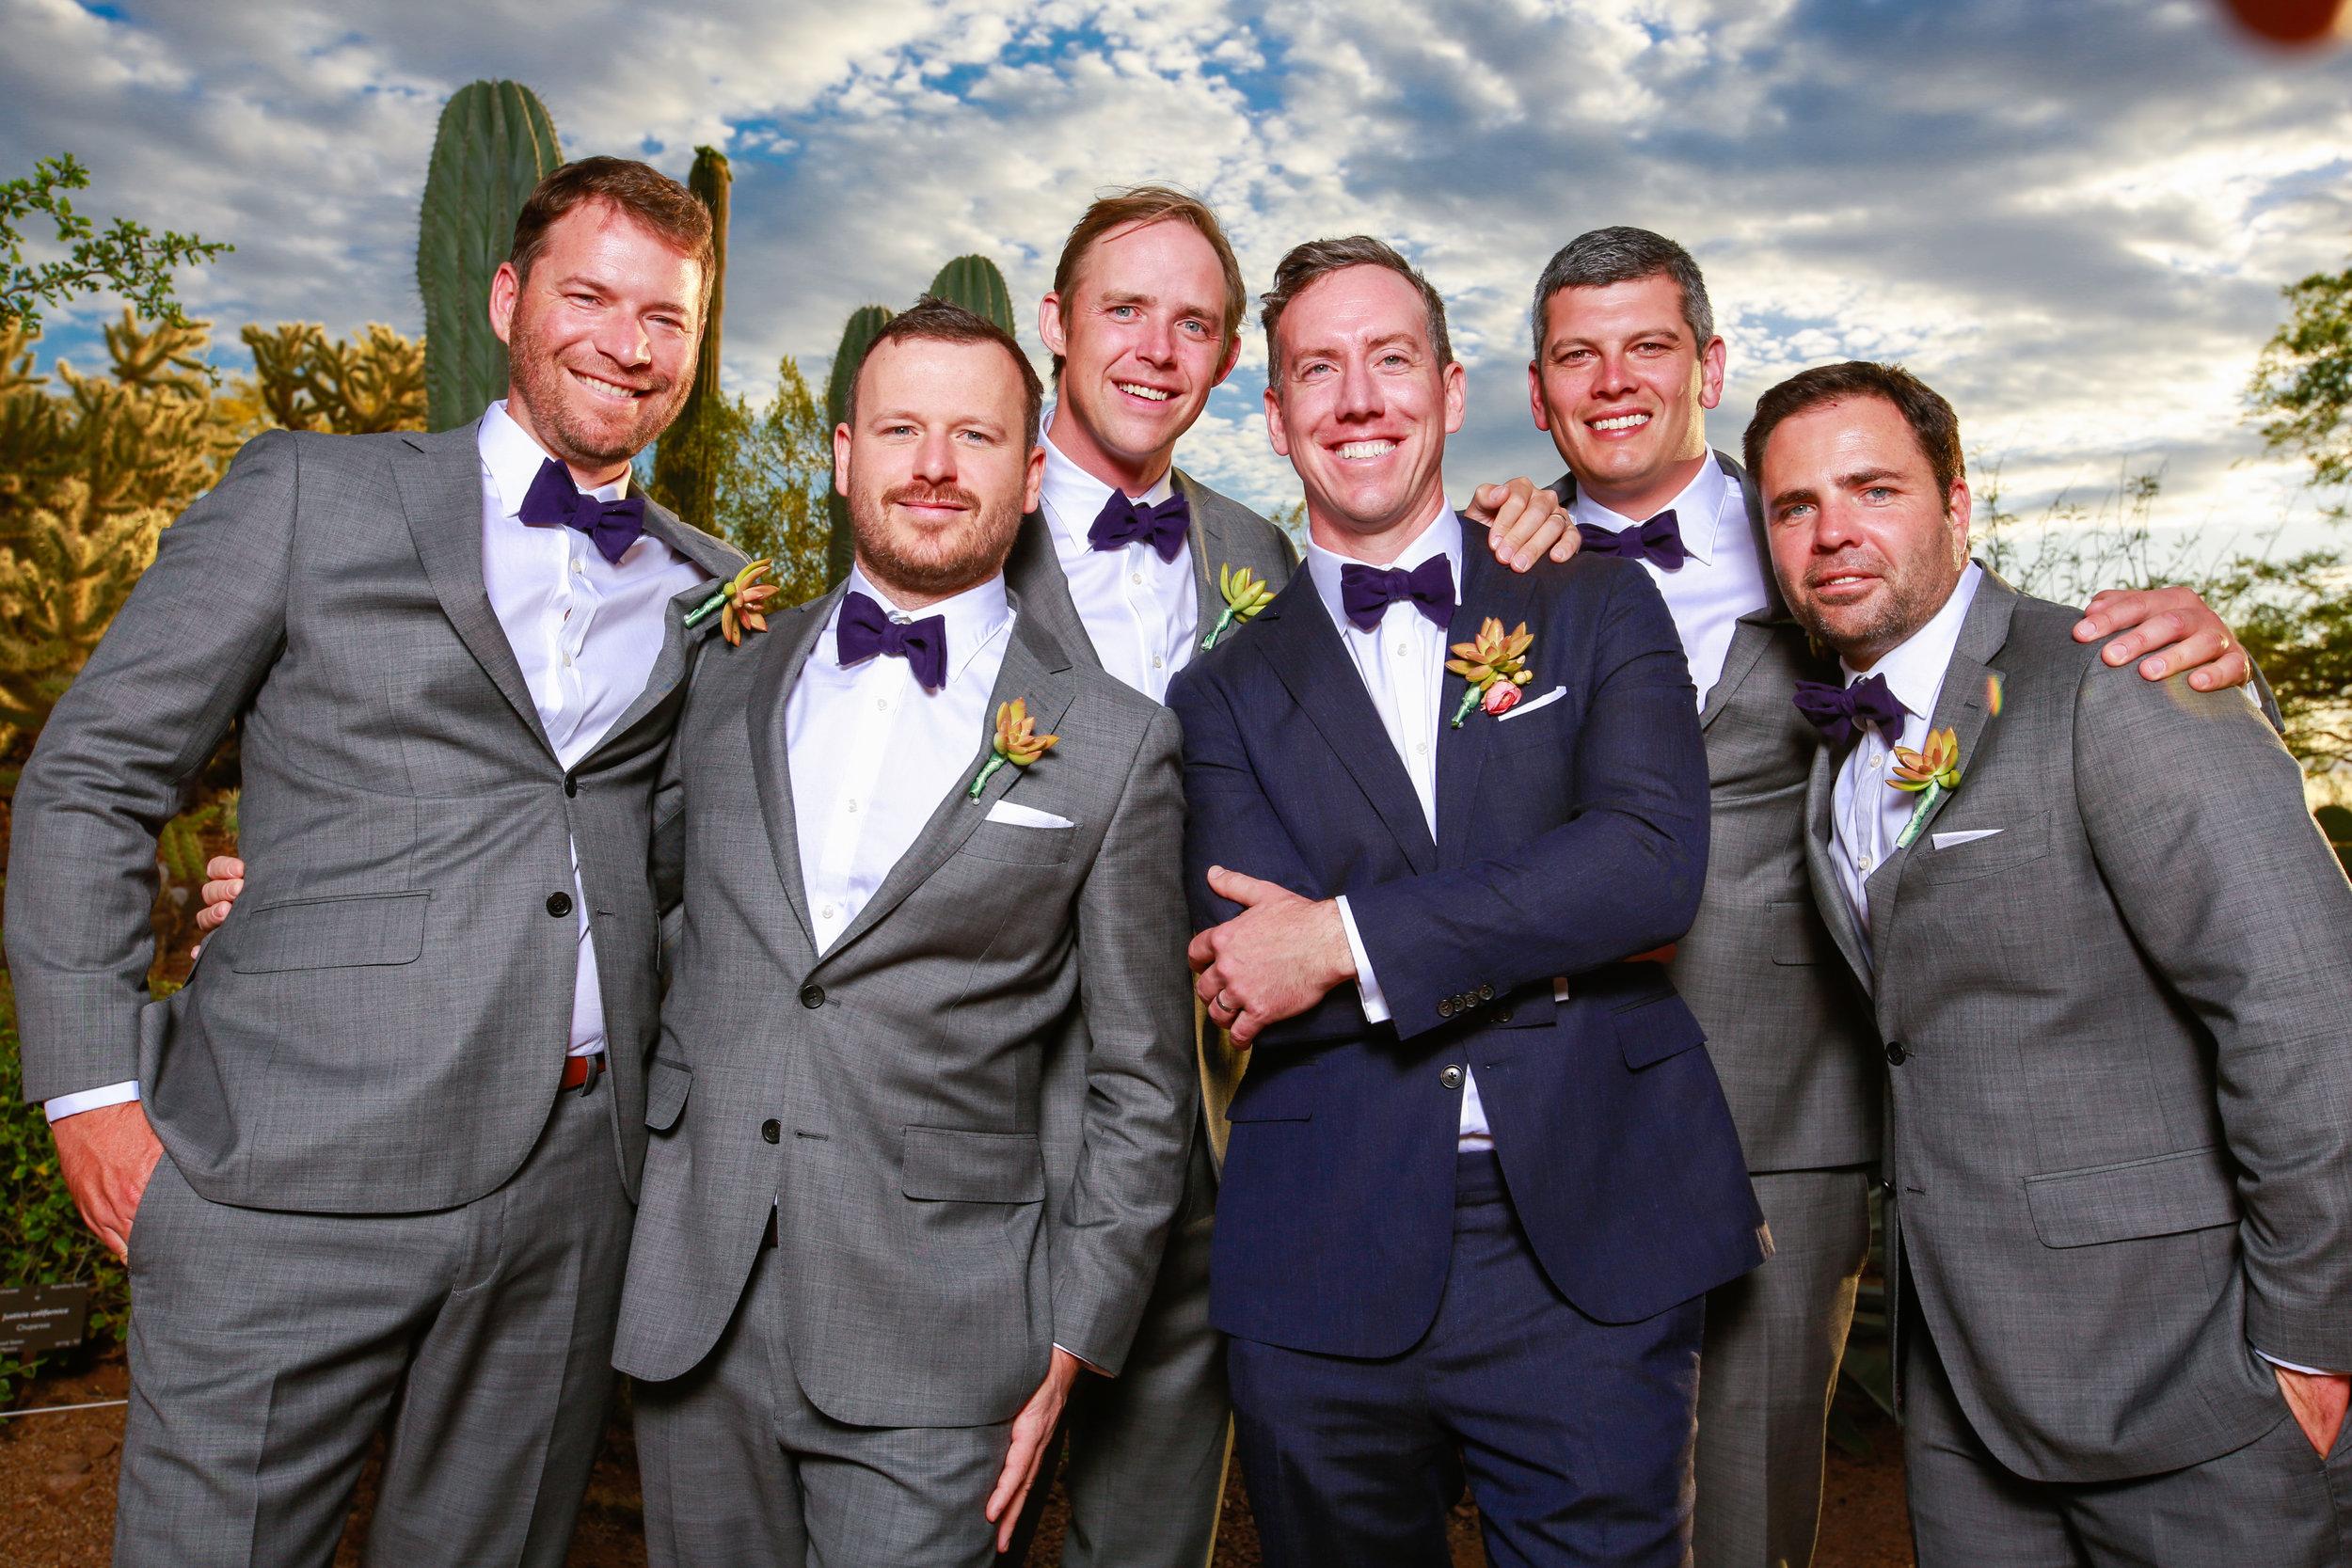 23 groom with groomsmen groomsmen pictures gray groomsmen suites navy blue grooms suite Mod Wed Photography Life Design Events.jpg